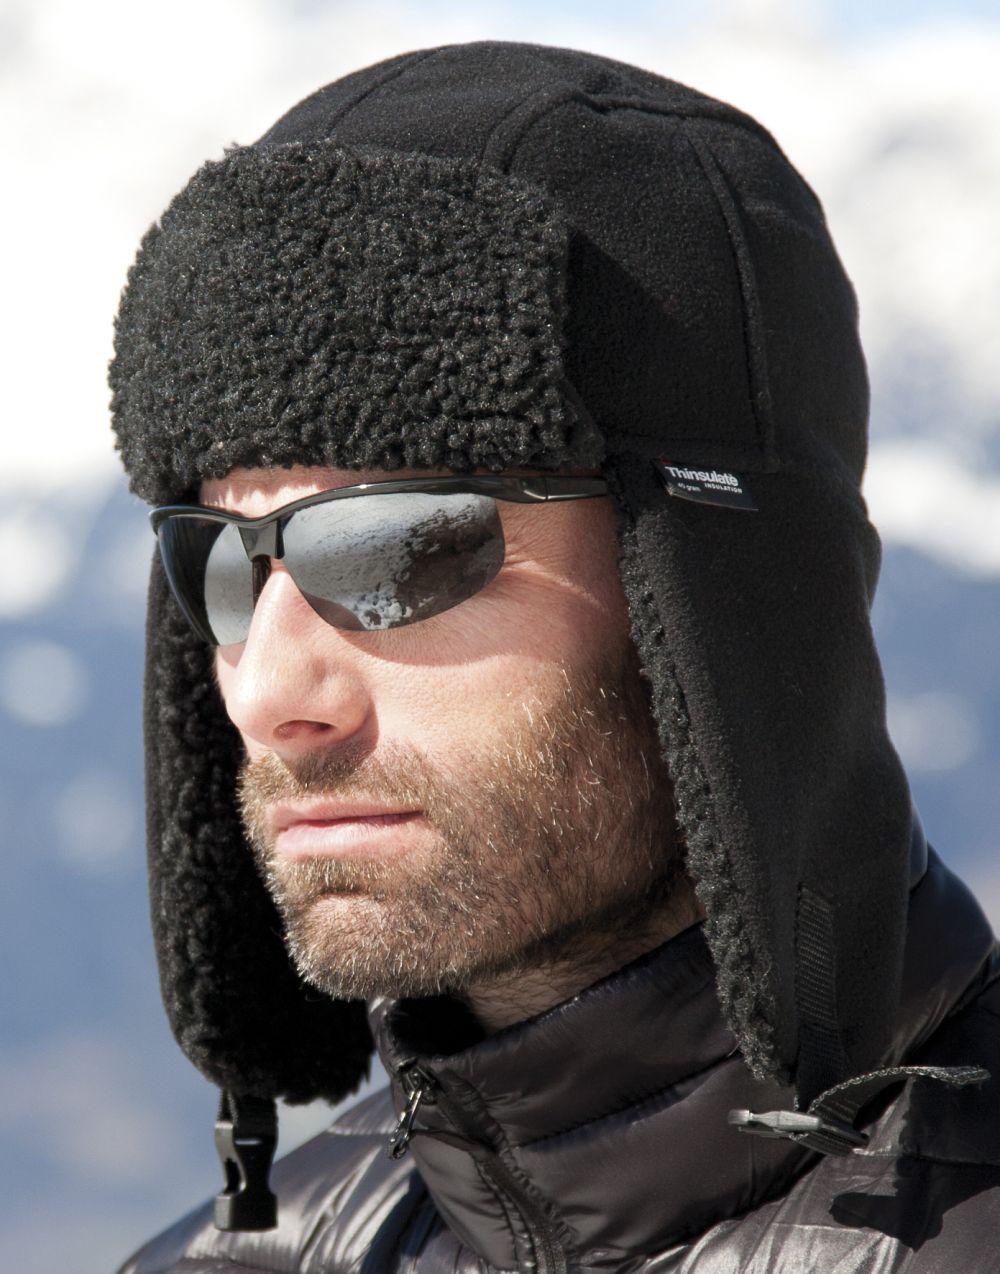 Gorros invierno result sherpa thinsulate con impresión vista 2